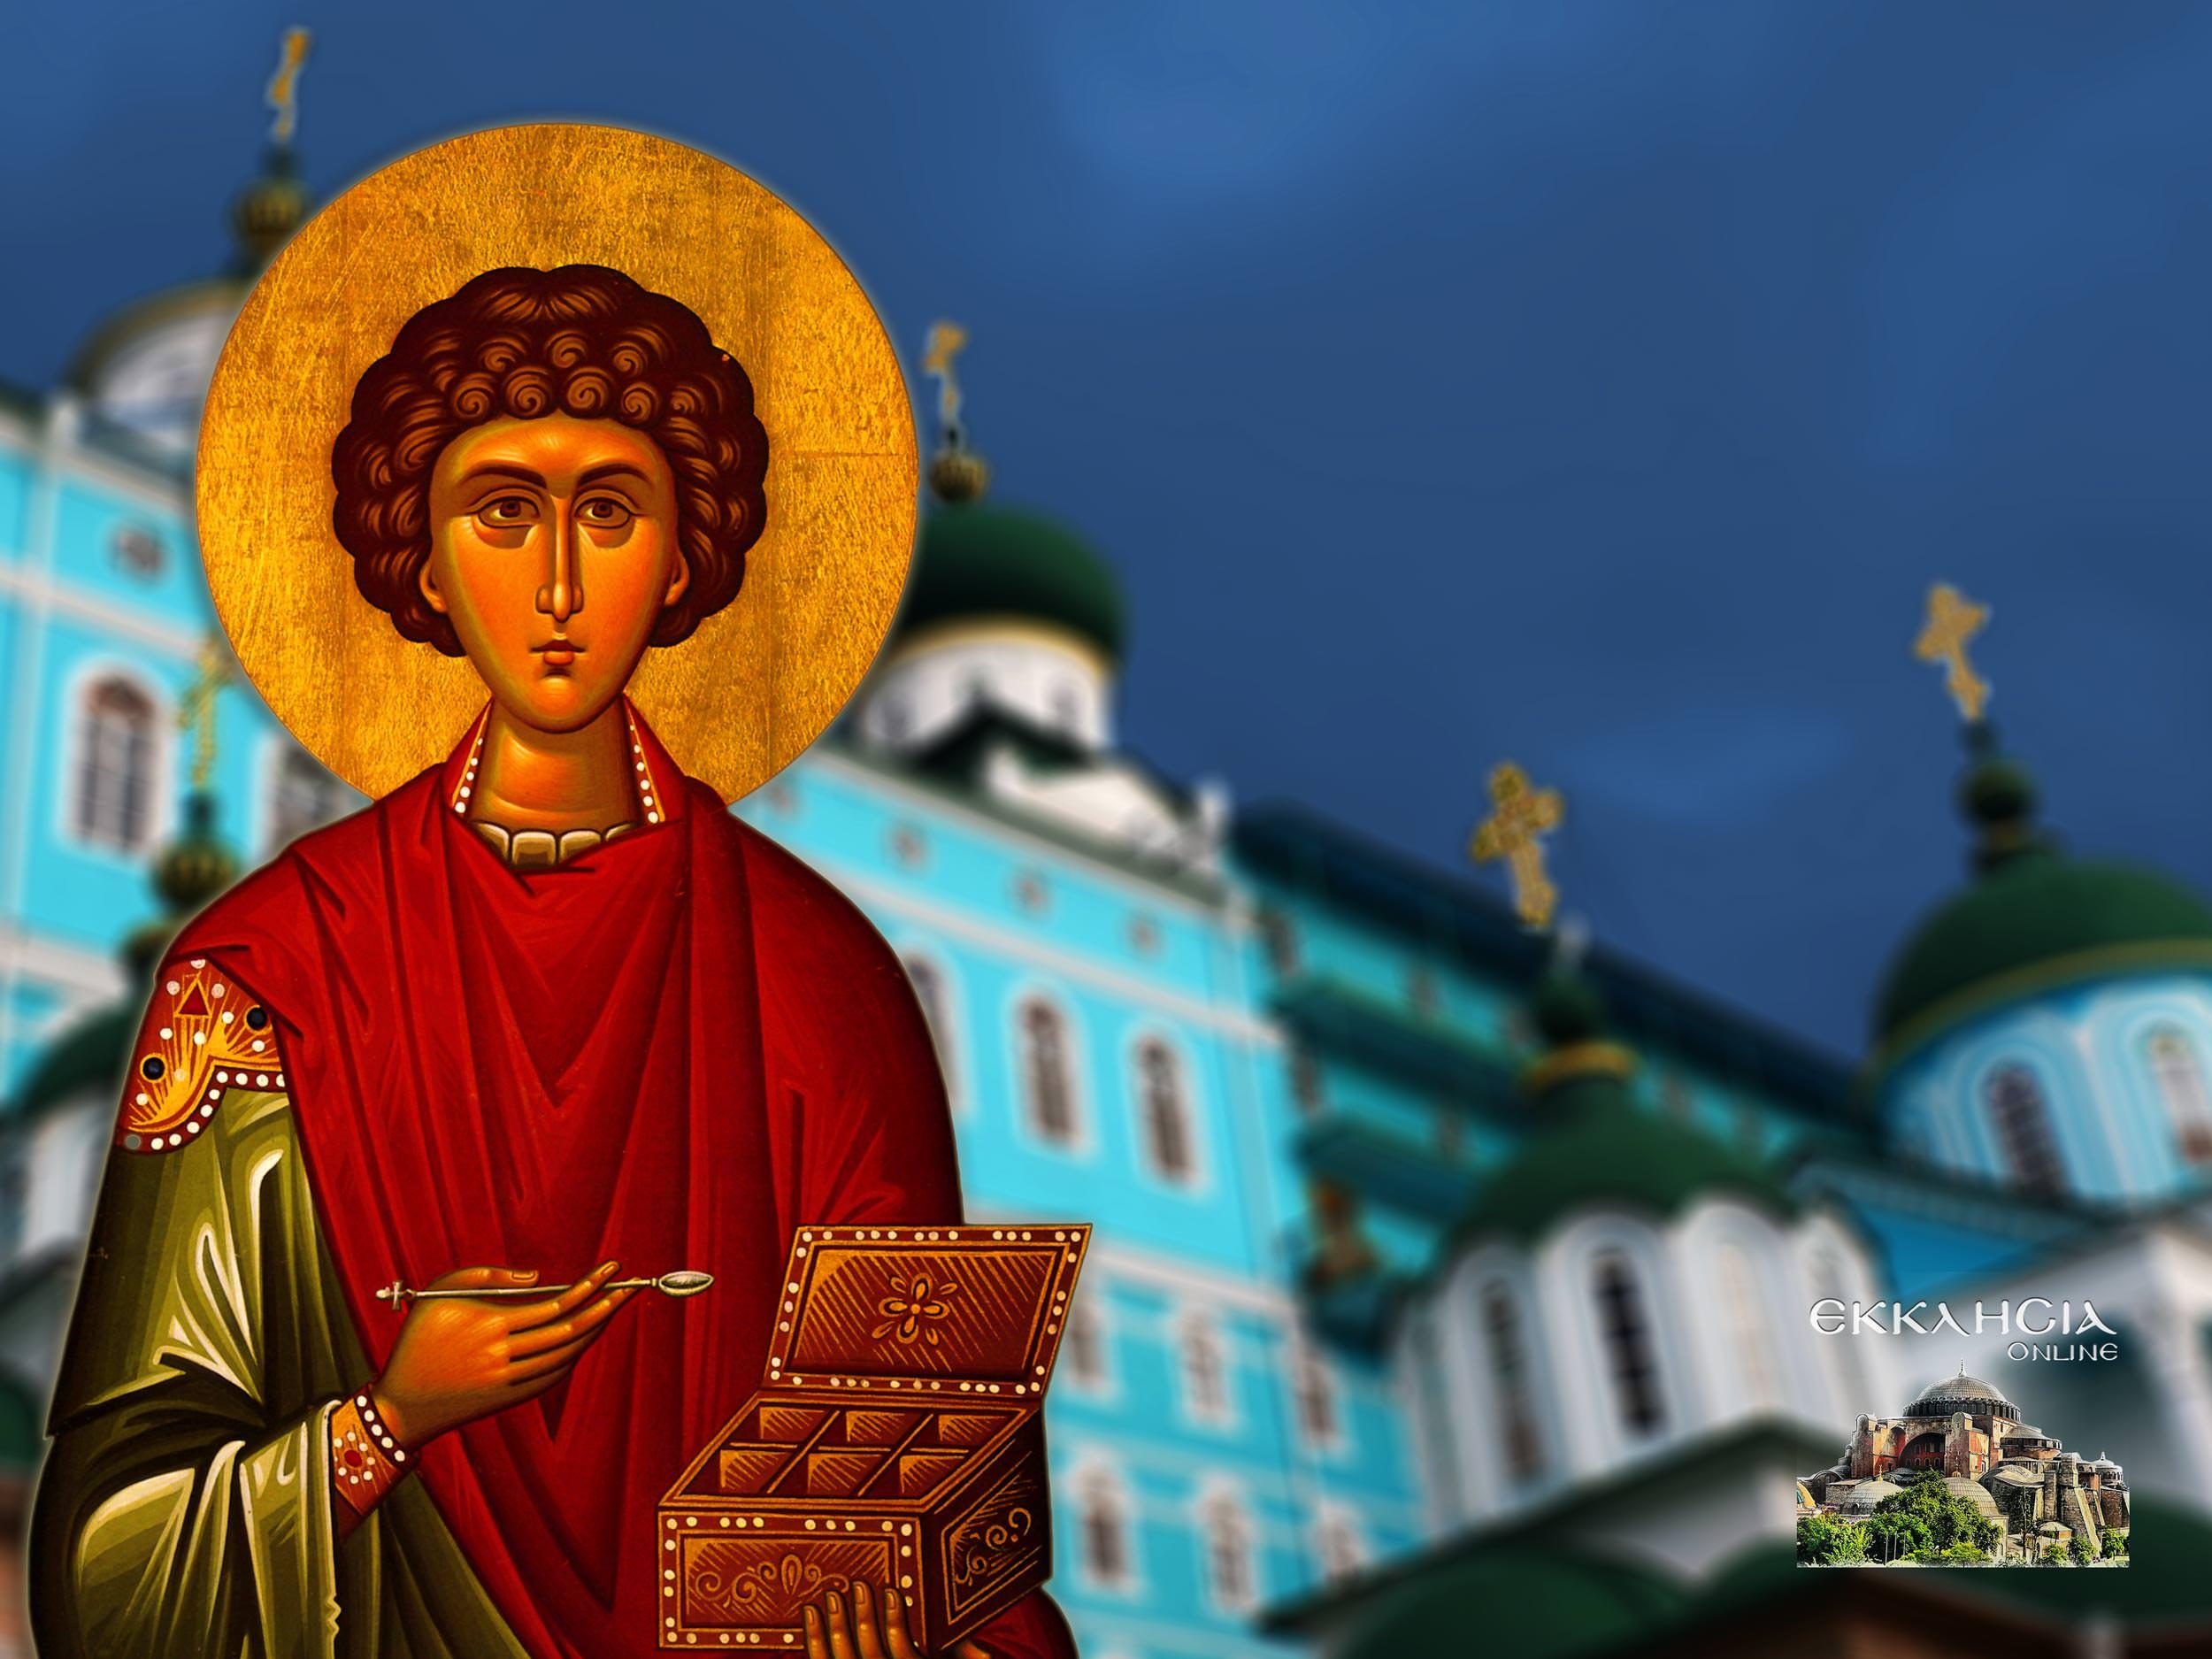 Άγιος Παντελεήμων ο Μεγαλομάρτυς και Ιαματικός 27 Ιουλίου